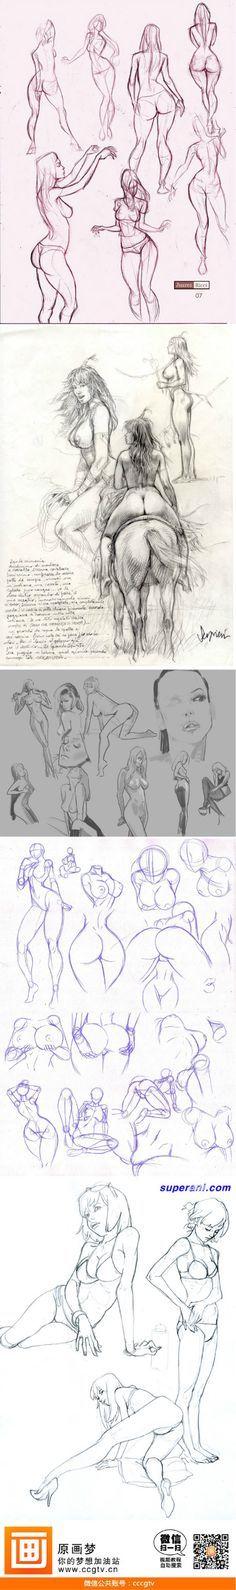 Женская анатомия  Женская анатомия  Женская анатомия